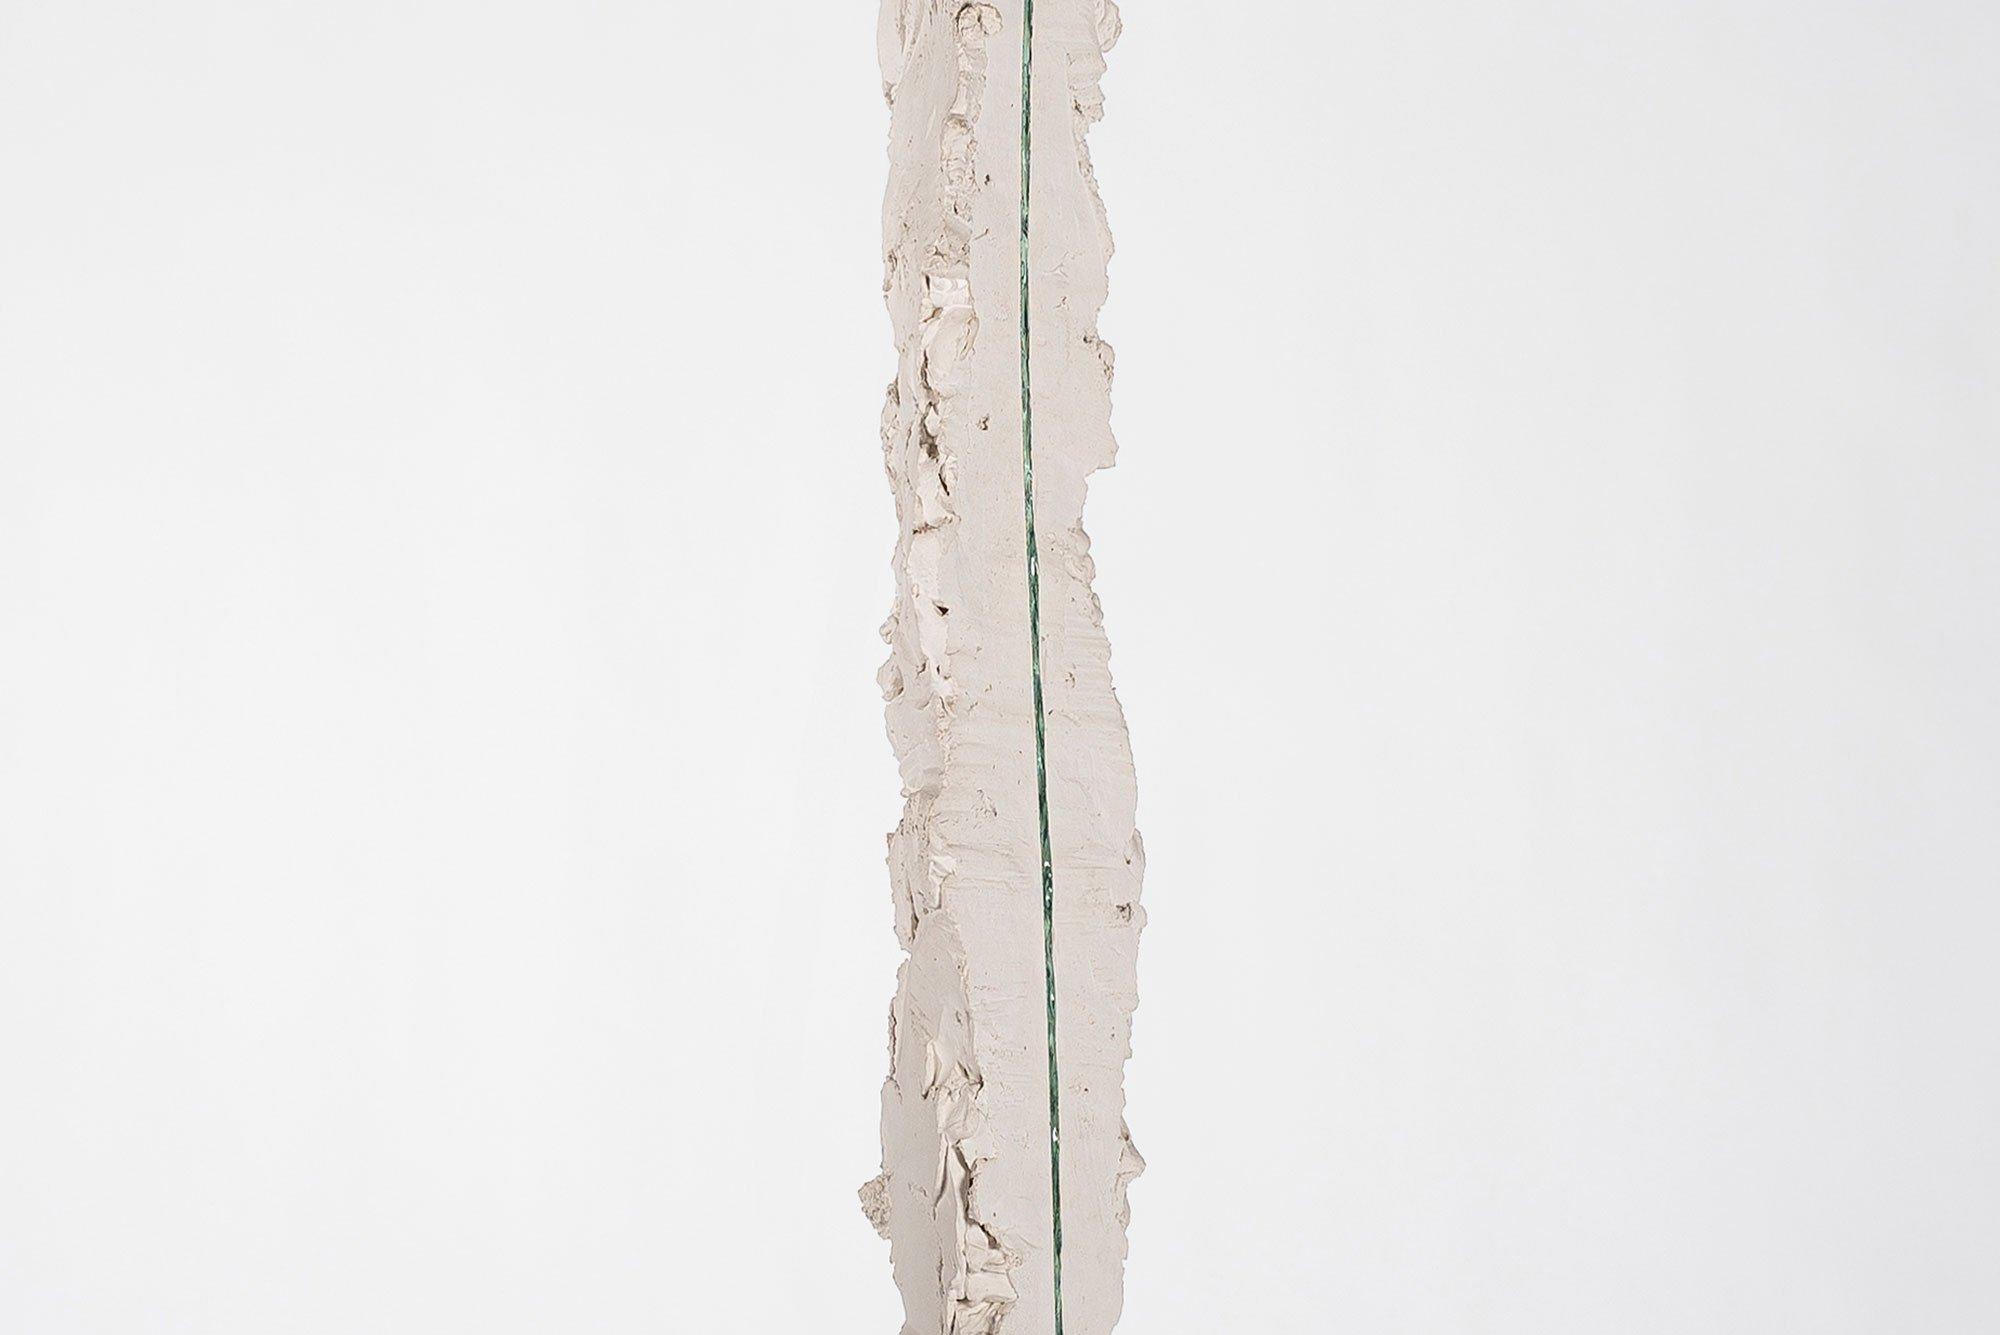 Paolo Icaro |   Intravedo - sculpture